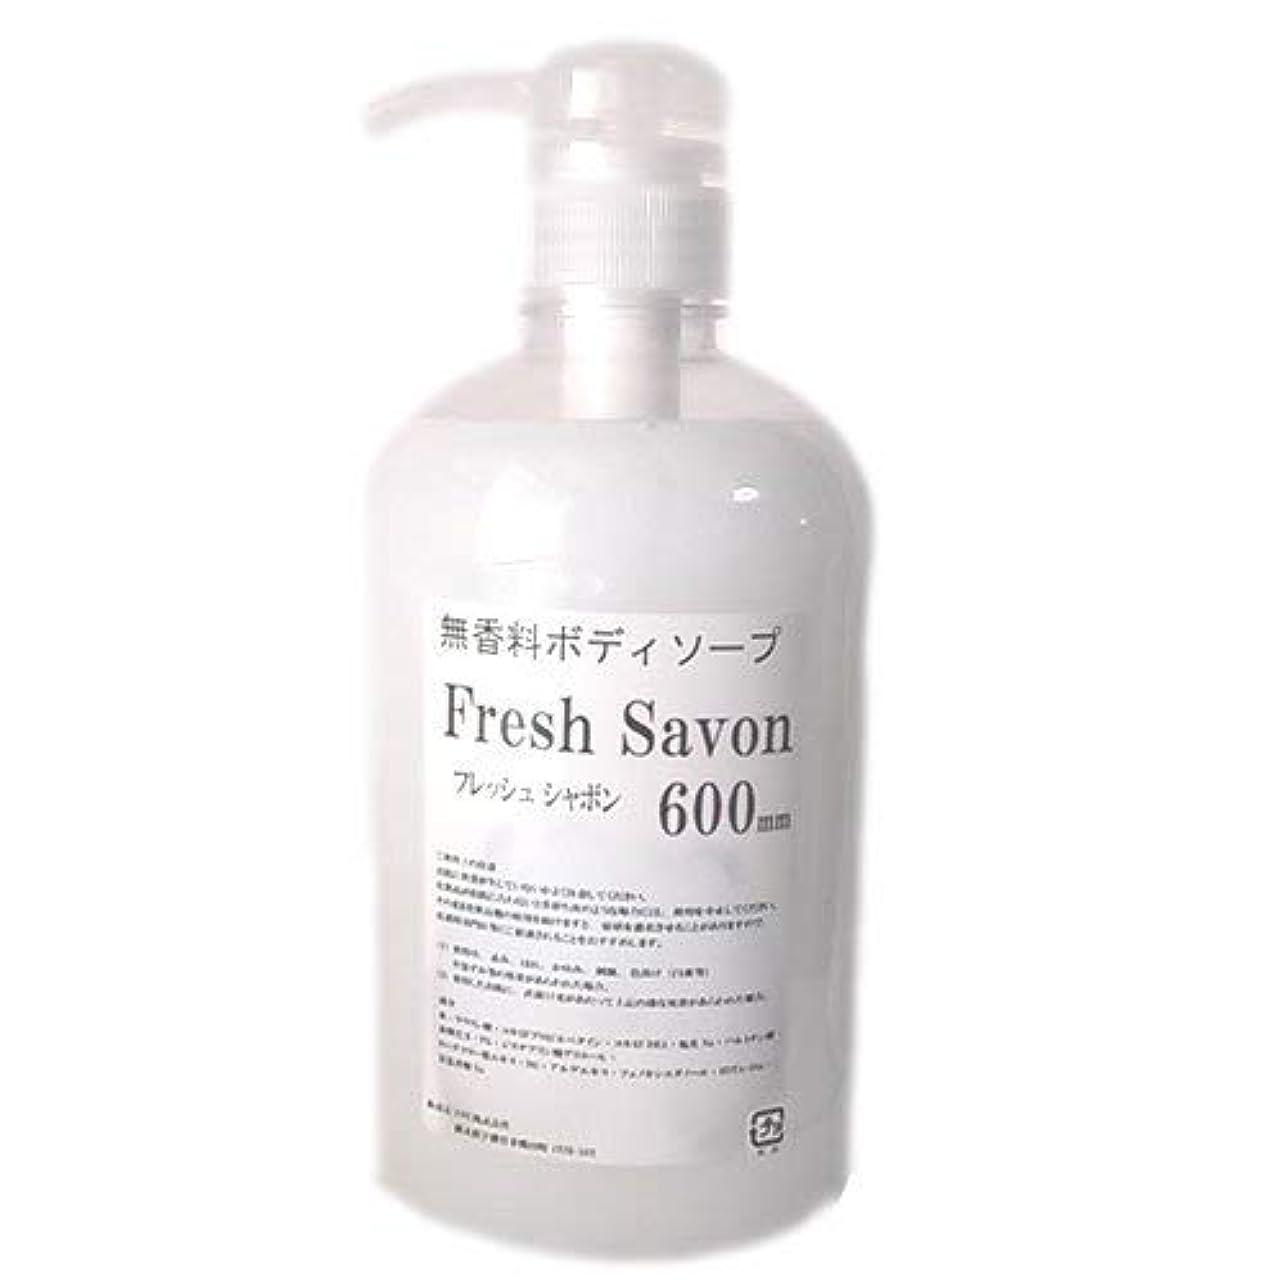 名誉旋回弱める無香料ボディソープ フレッシュシャボン 600mL 香りが残らないタイプ (3本セット)